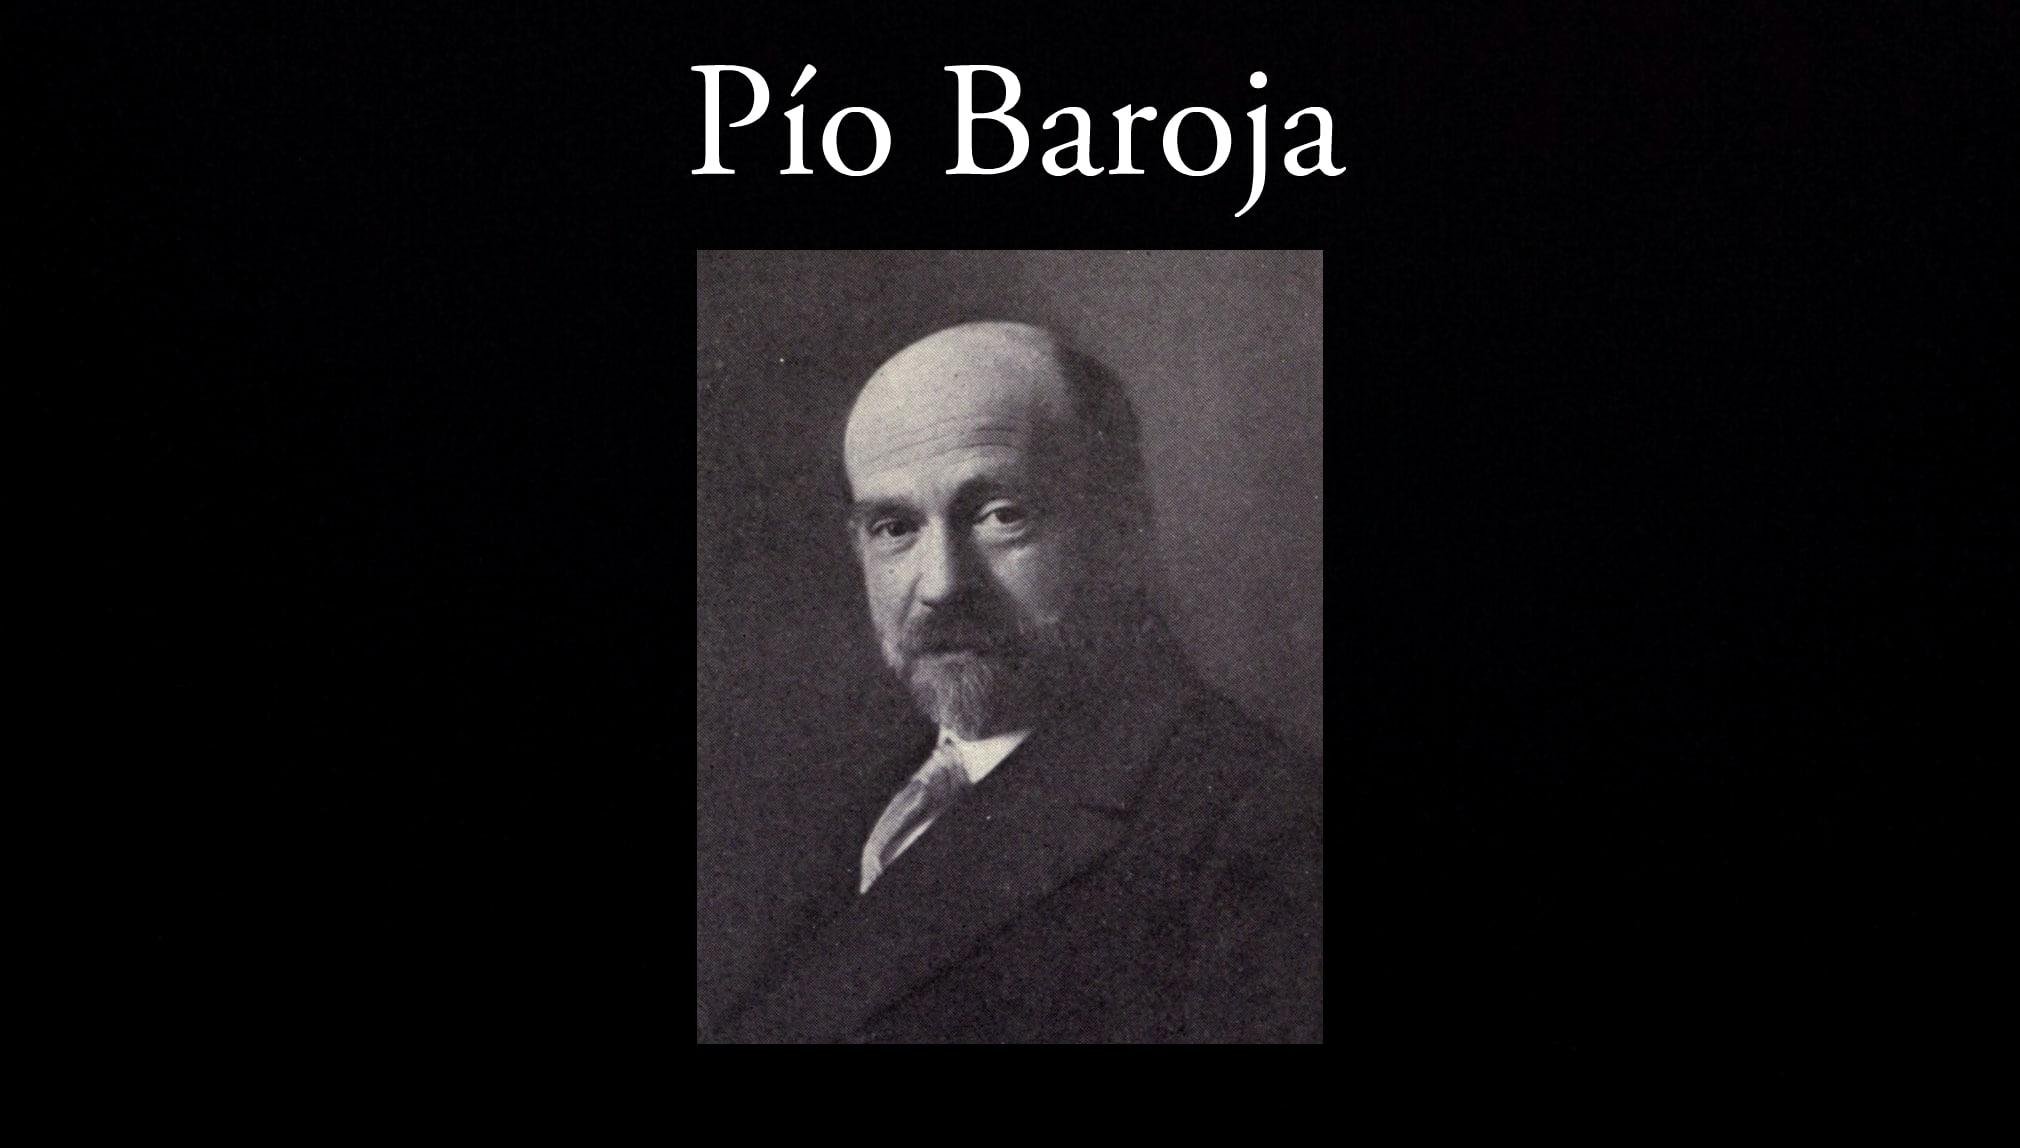 Pío Baroja.